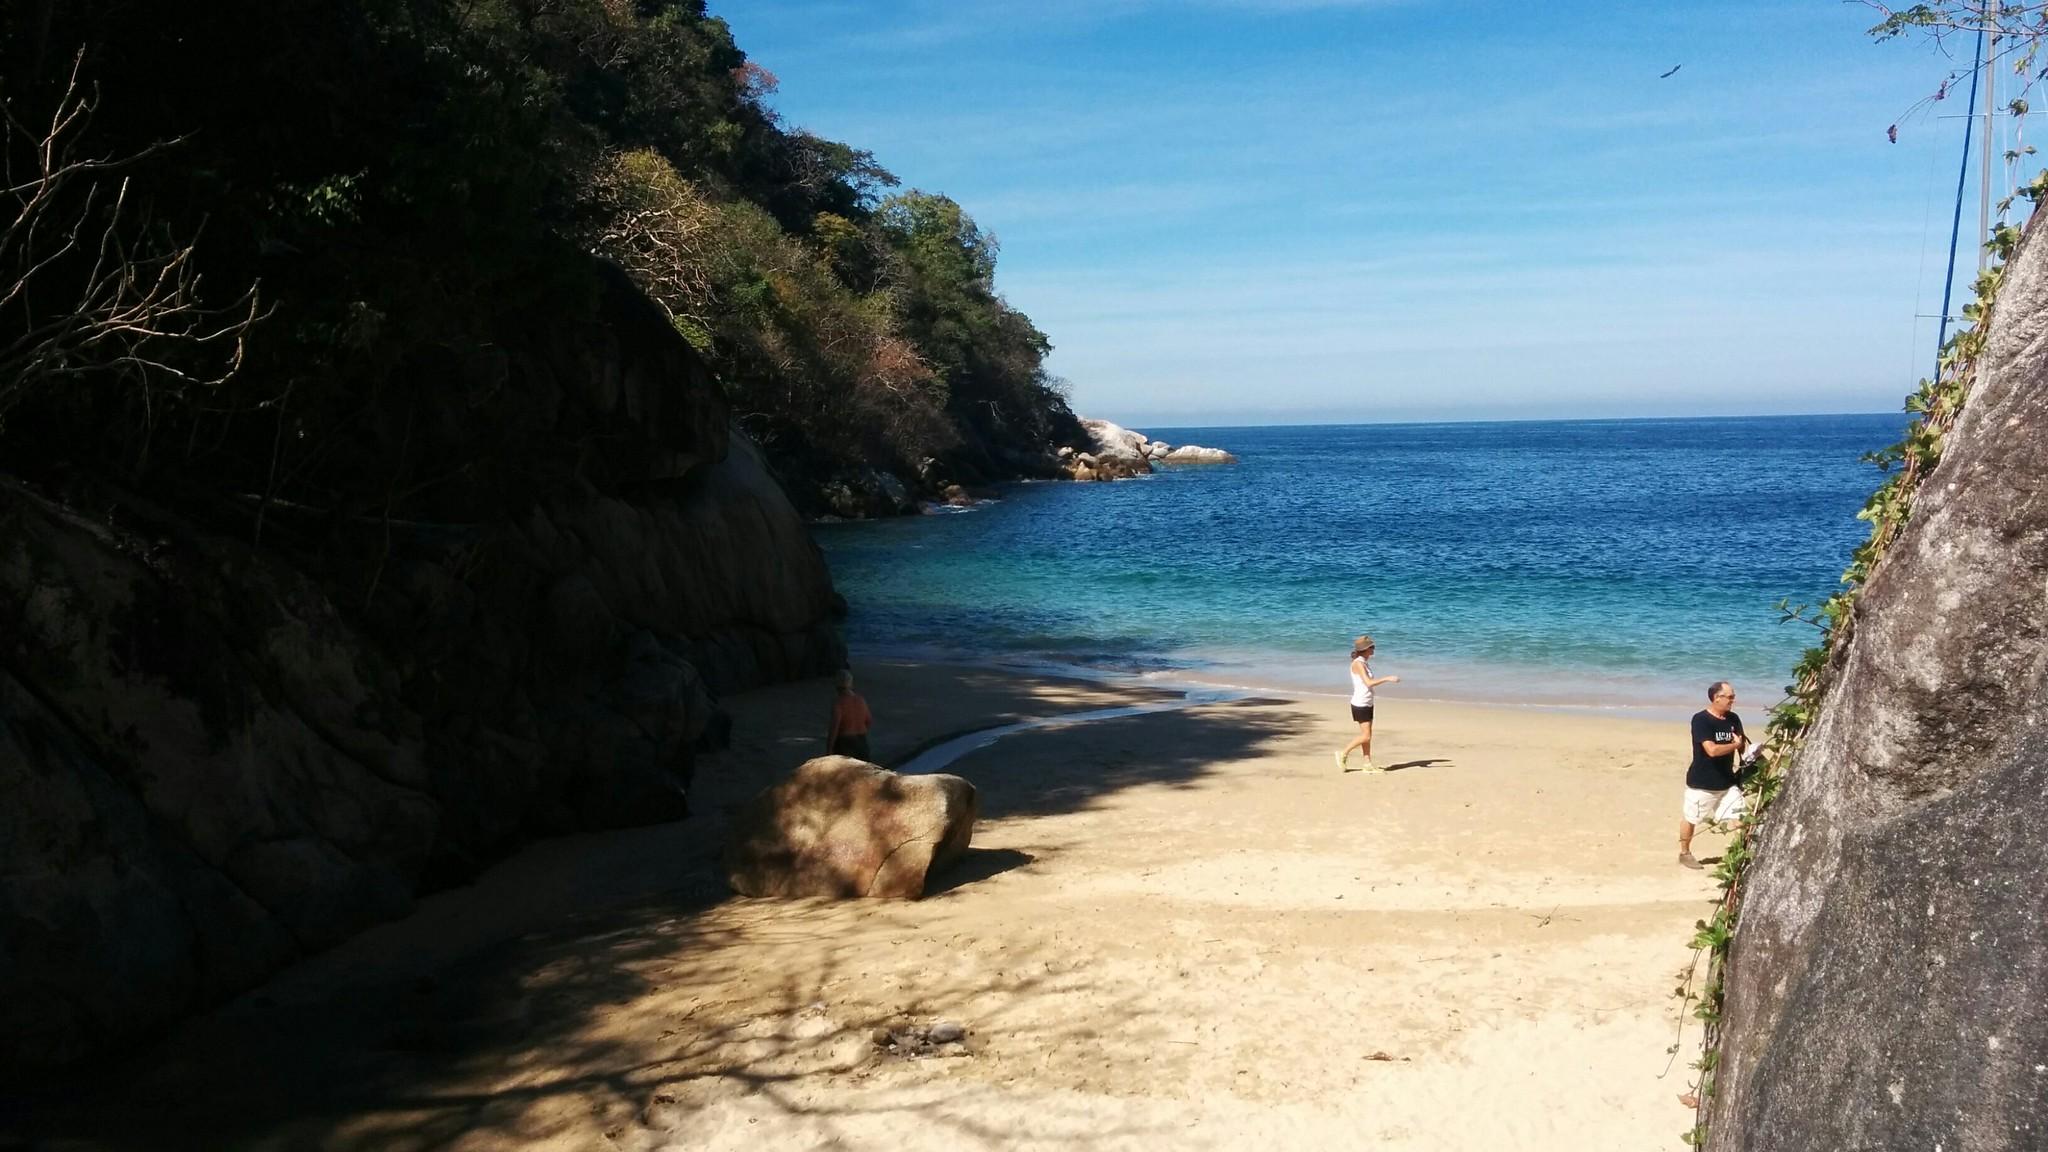 The Best Beaches in Puerto Vallarta - Top 10 Puerto Vallarta Beaches